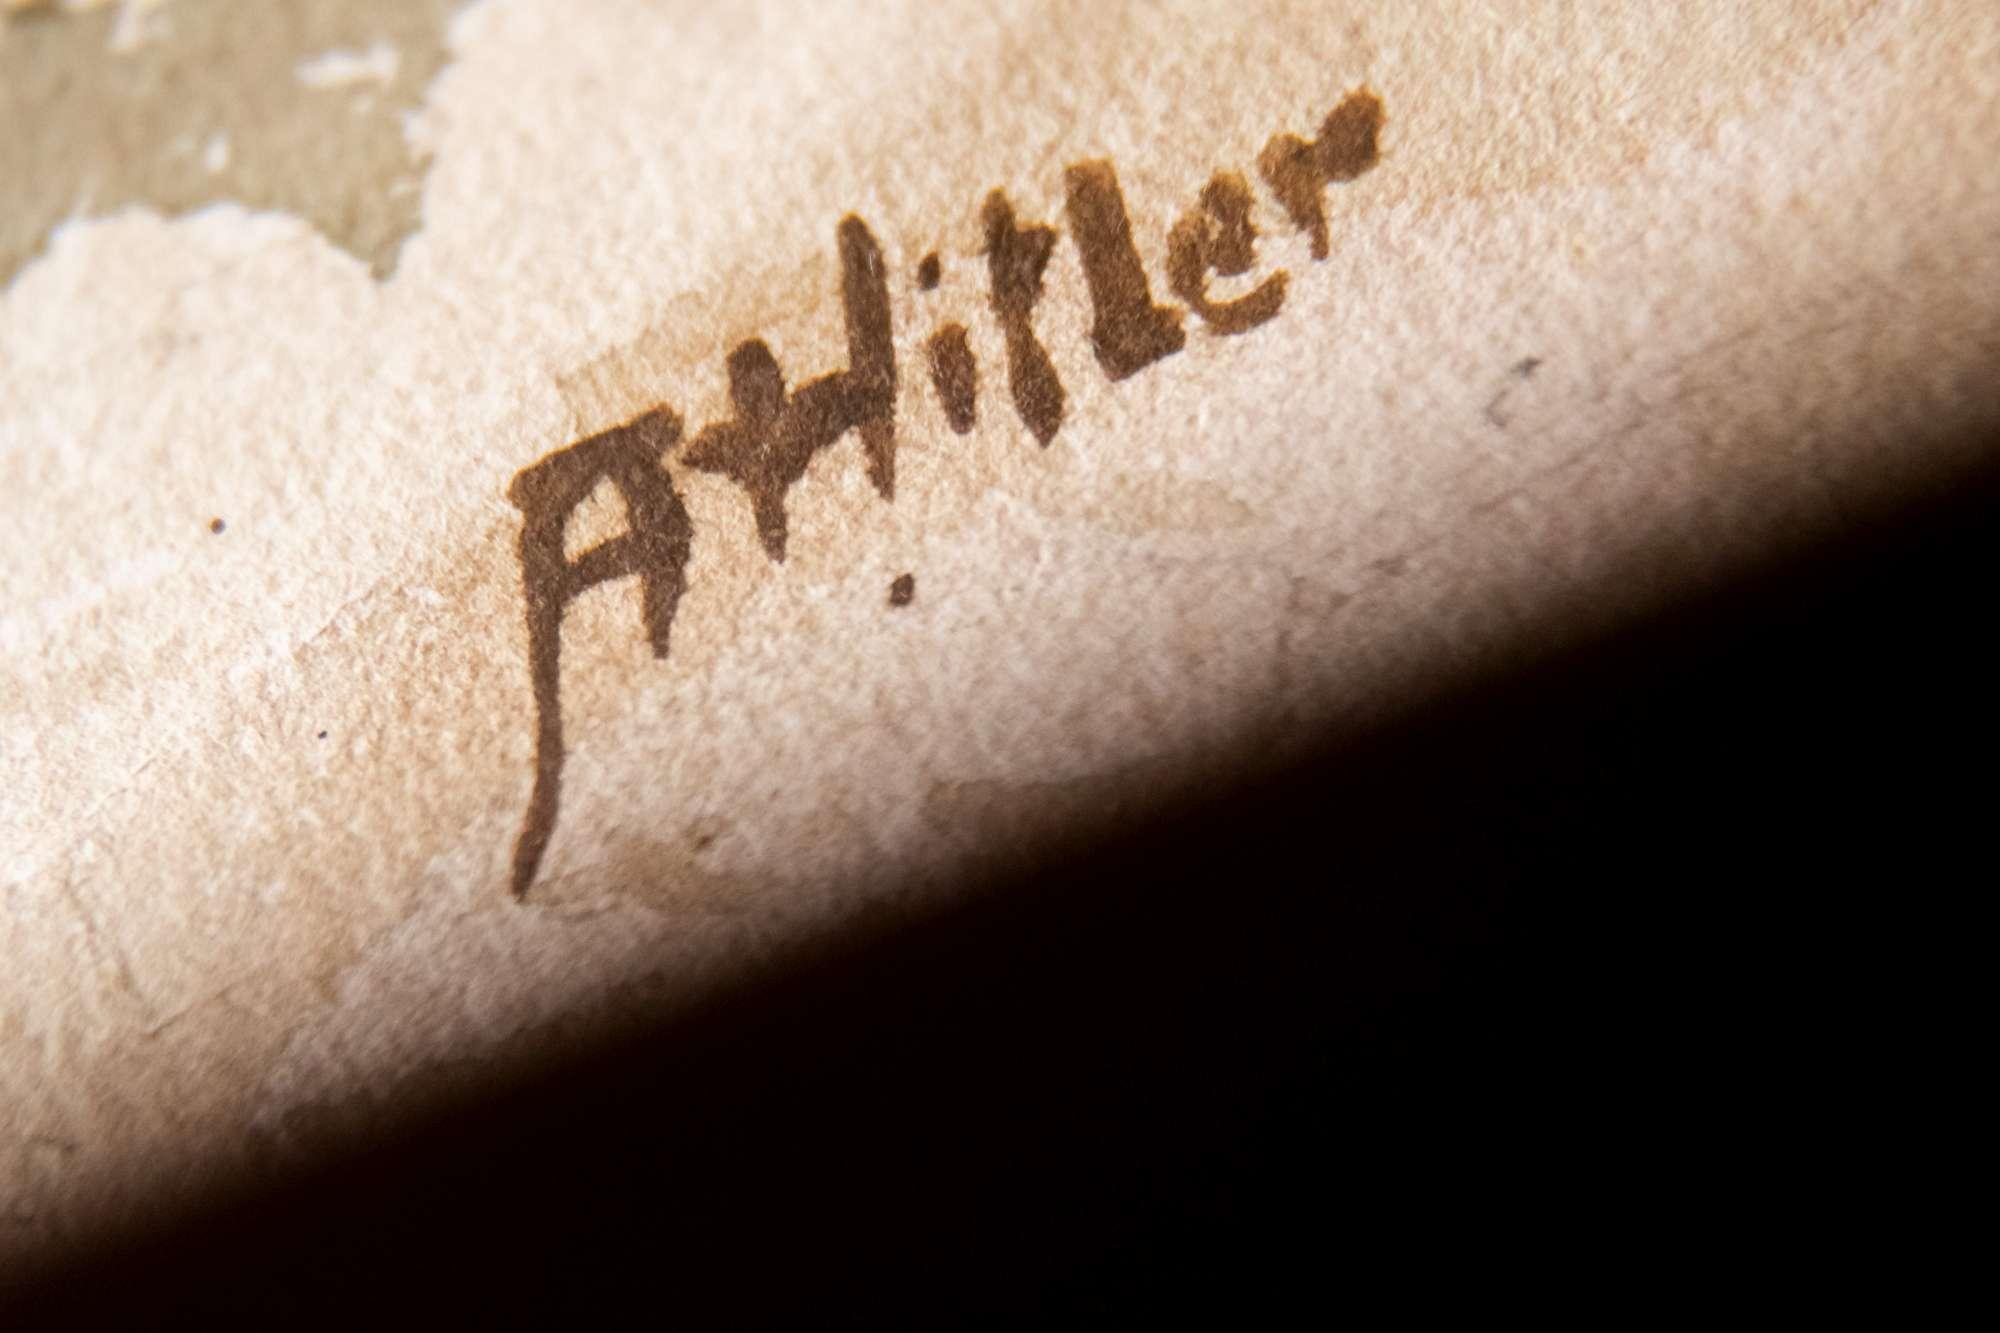 Germania: all asta cinque dipinti attribuiti a Hitler (e nessuno li ha comprati)